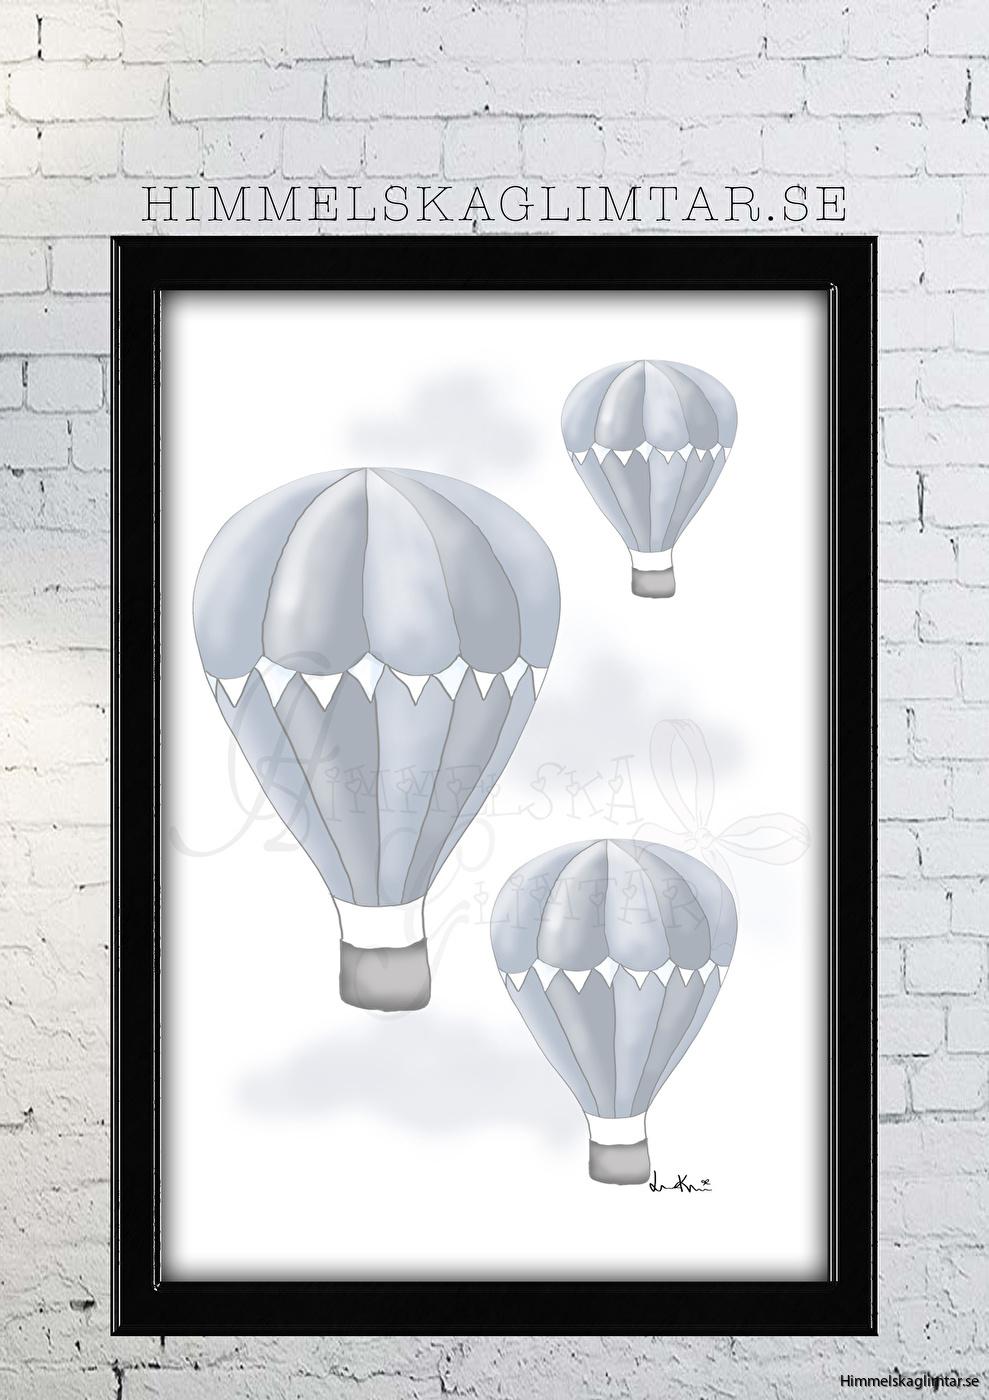 barnrum-barnrumsinredning-barnposter-poster-himmelskaglimtar-luftballonger